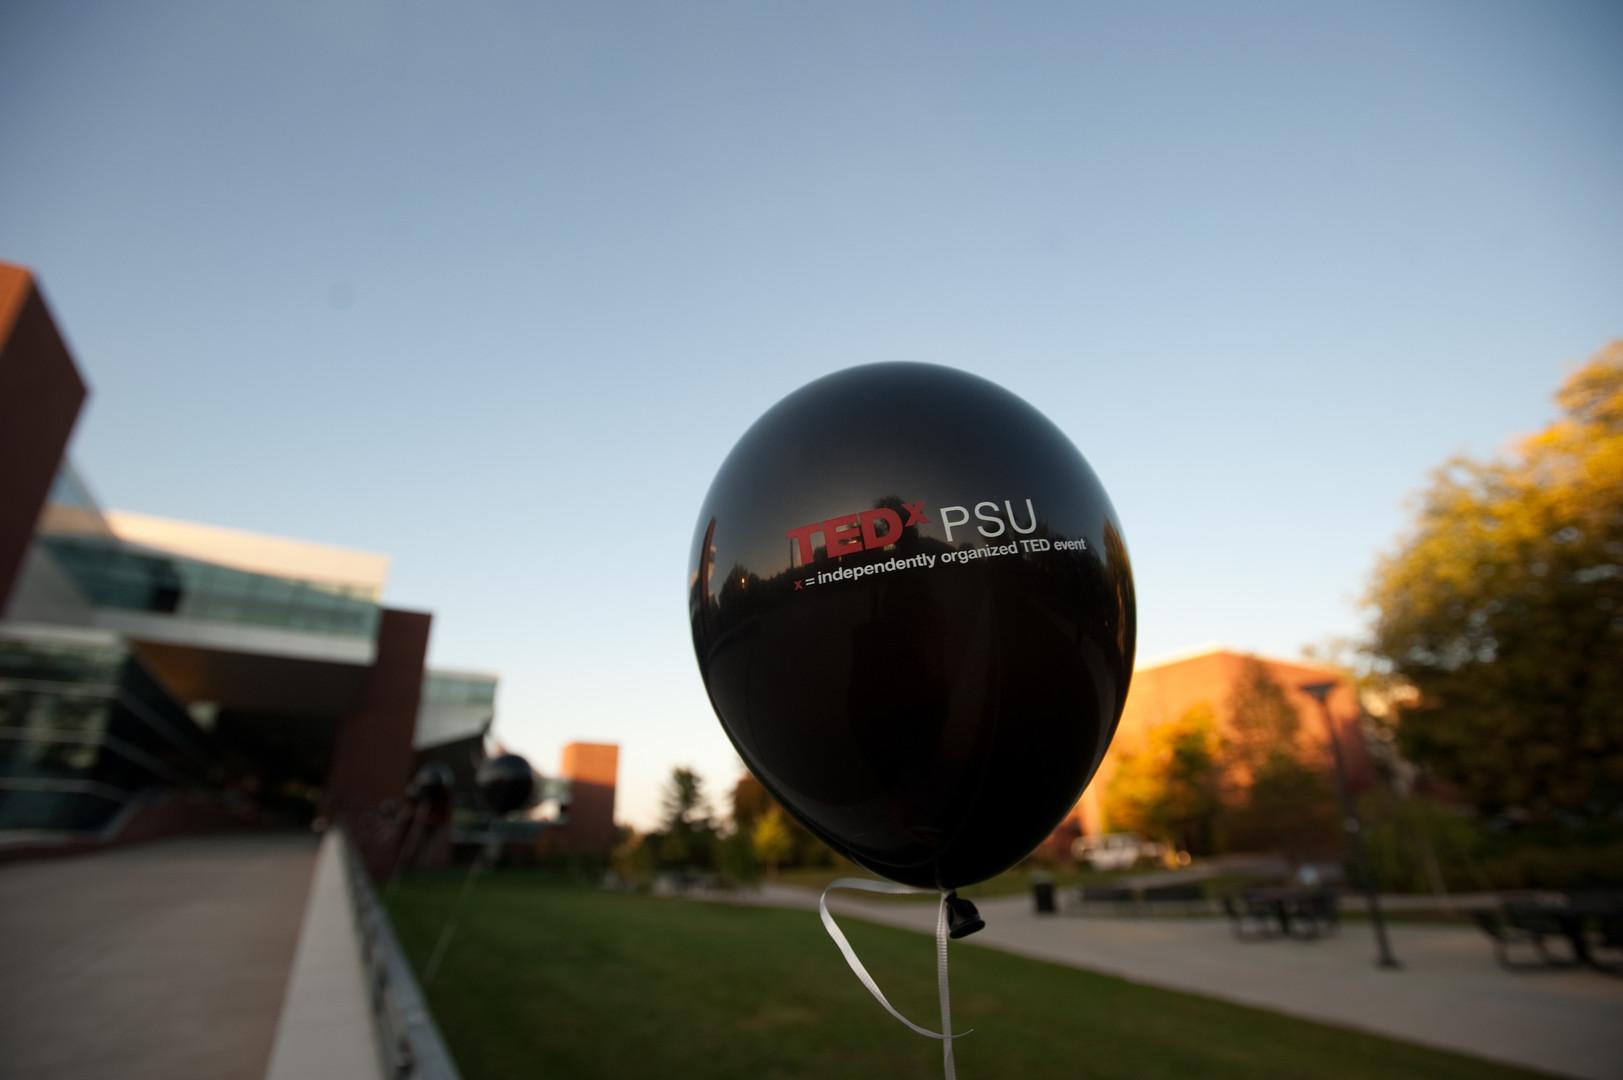 TEDxPSU Balloon